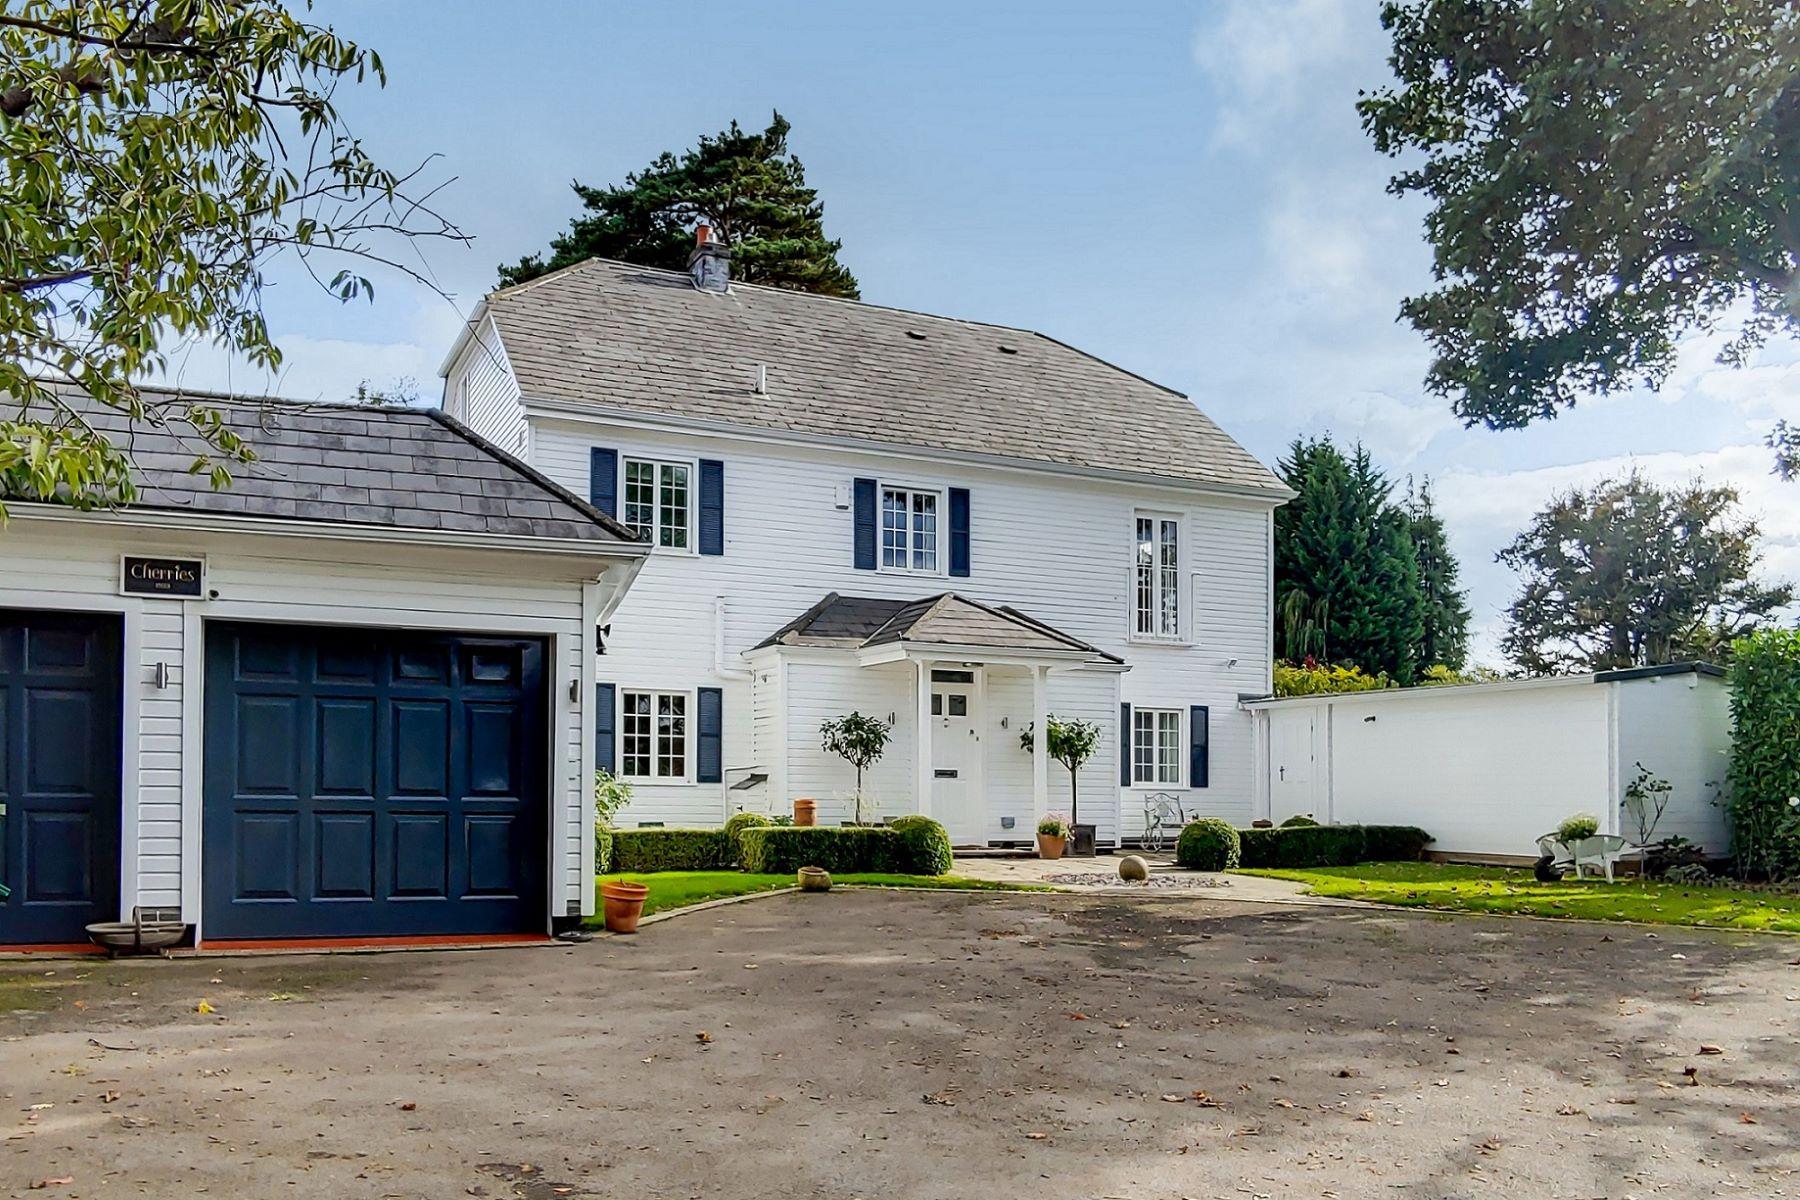 Single Family Homes for Sale at Cherries 31 Stevens Lane Esher, England KT10 0TD United Kingdom